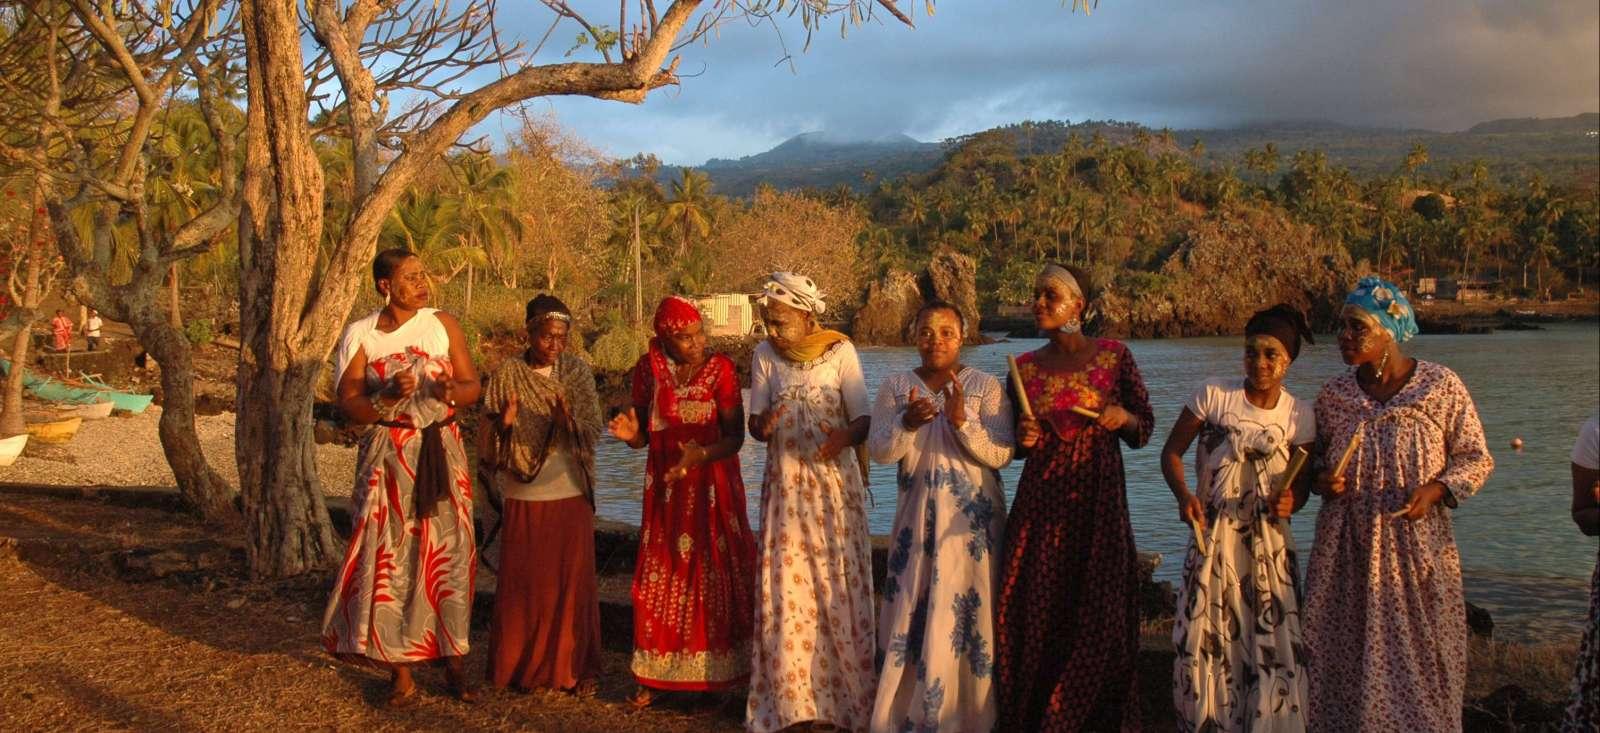 Voyage à pied : Rando sur l'île des sultans !